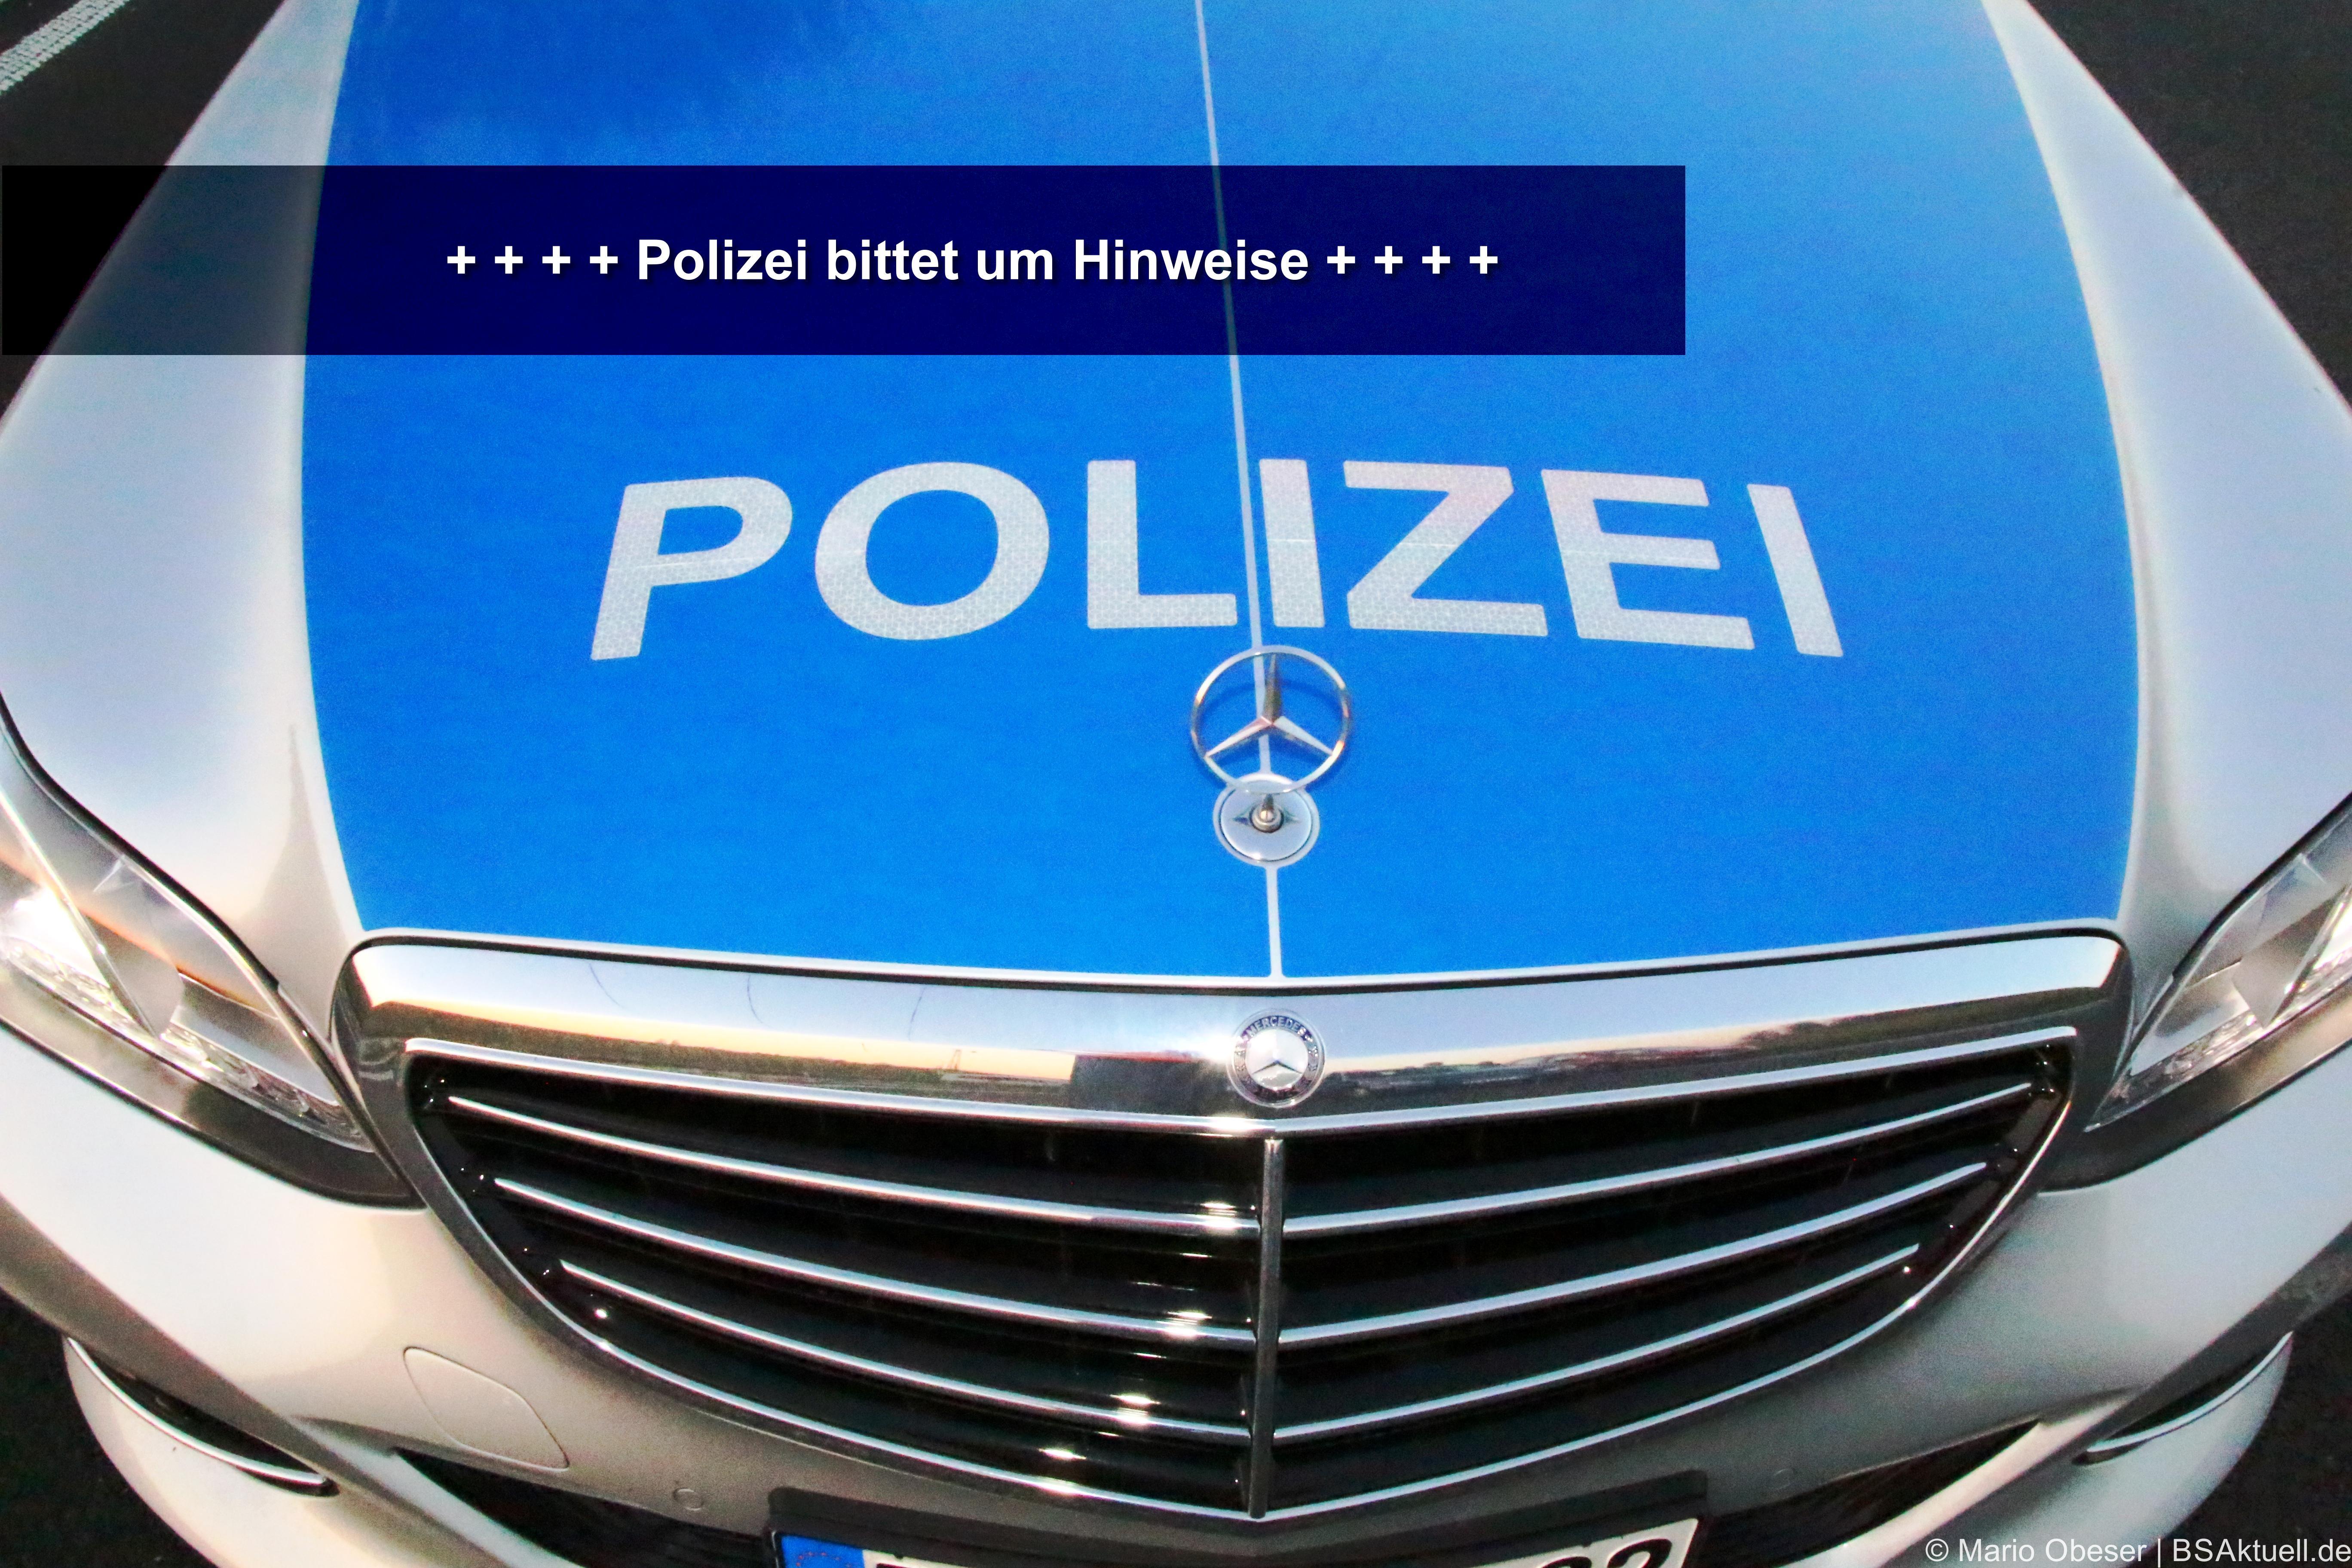 Polizei Ulm, Polizeiauto, Bsaktuell, Nachrichten, Ulm Aktuell, Mario Obeser, Zeugensuche, Zeugenhinweise